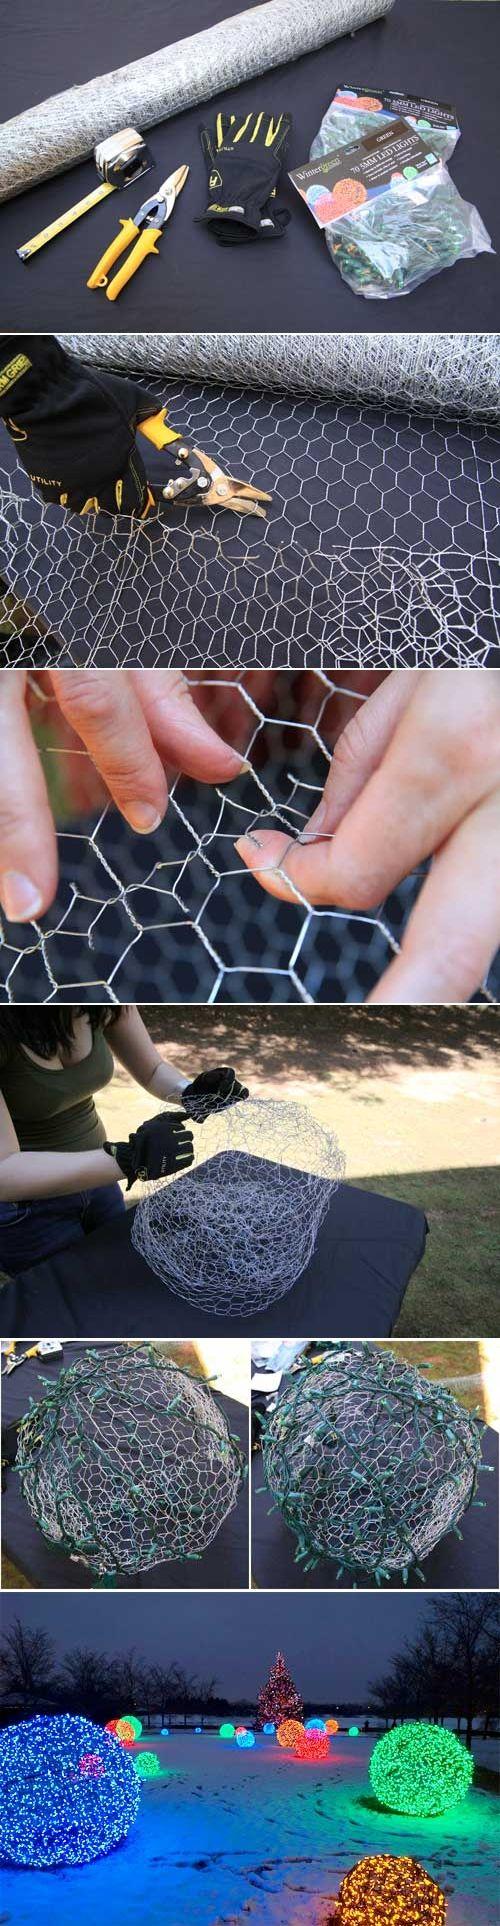 a faire avec des guirlandes sur piles Ikea ou solaire pour le jardin